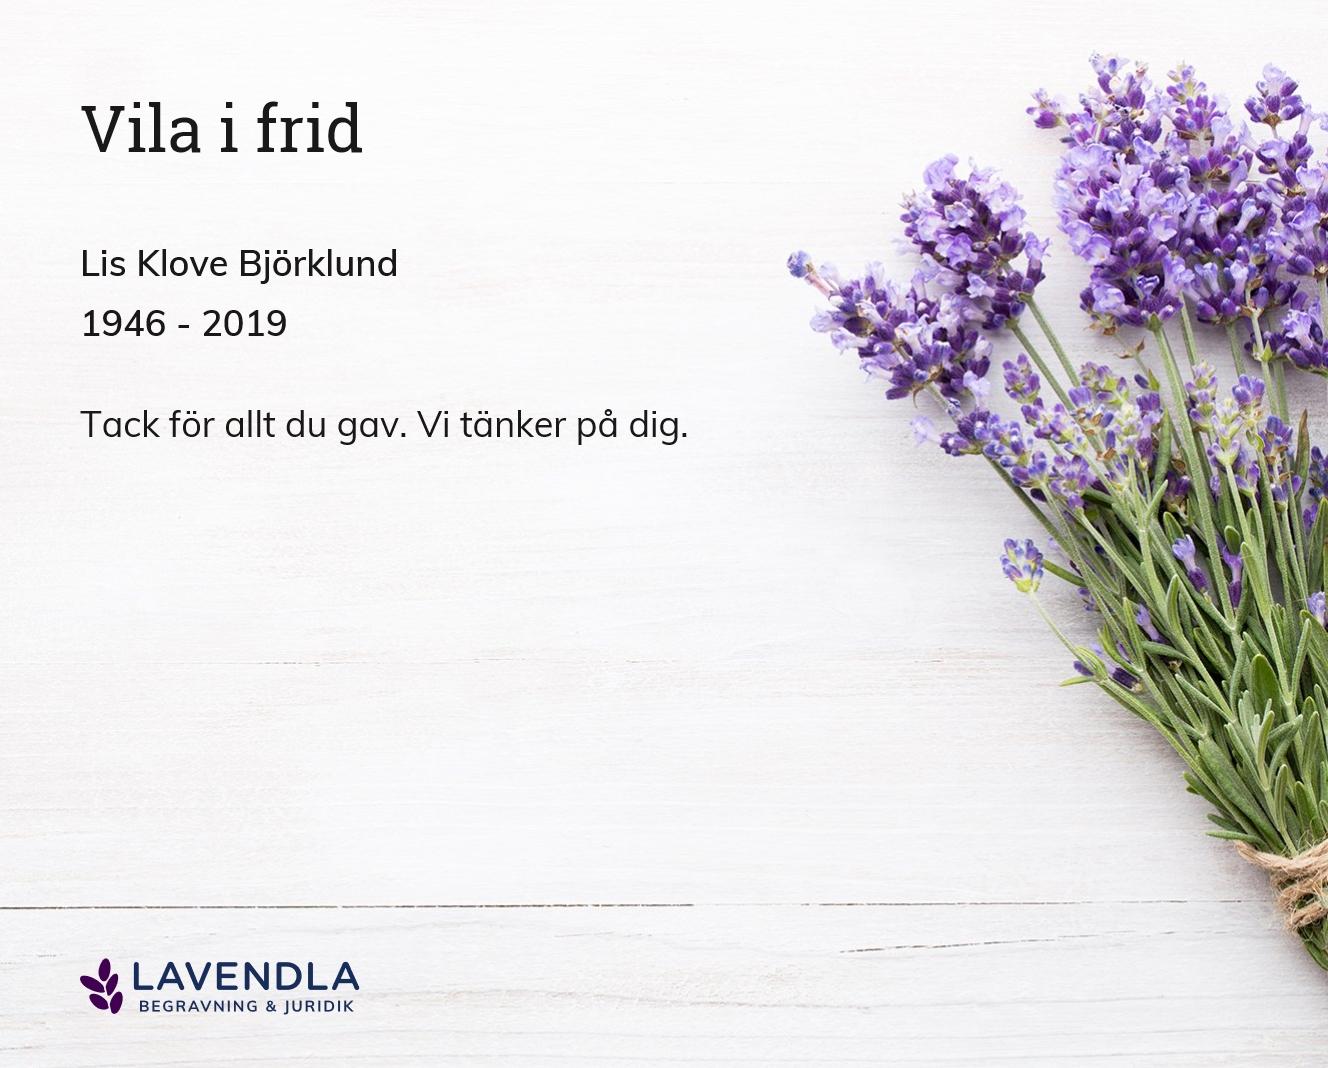 Inbjudningskort till ceremonin för Lis Klove Björklund